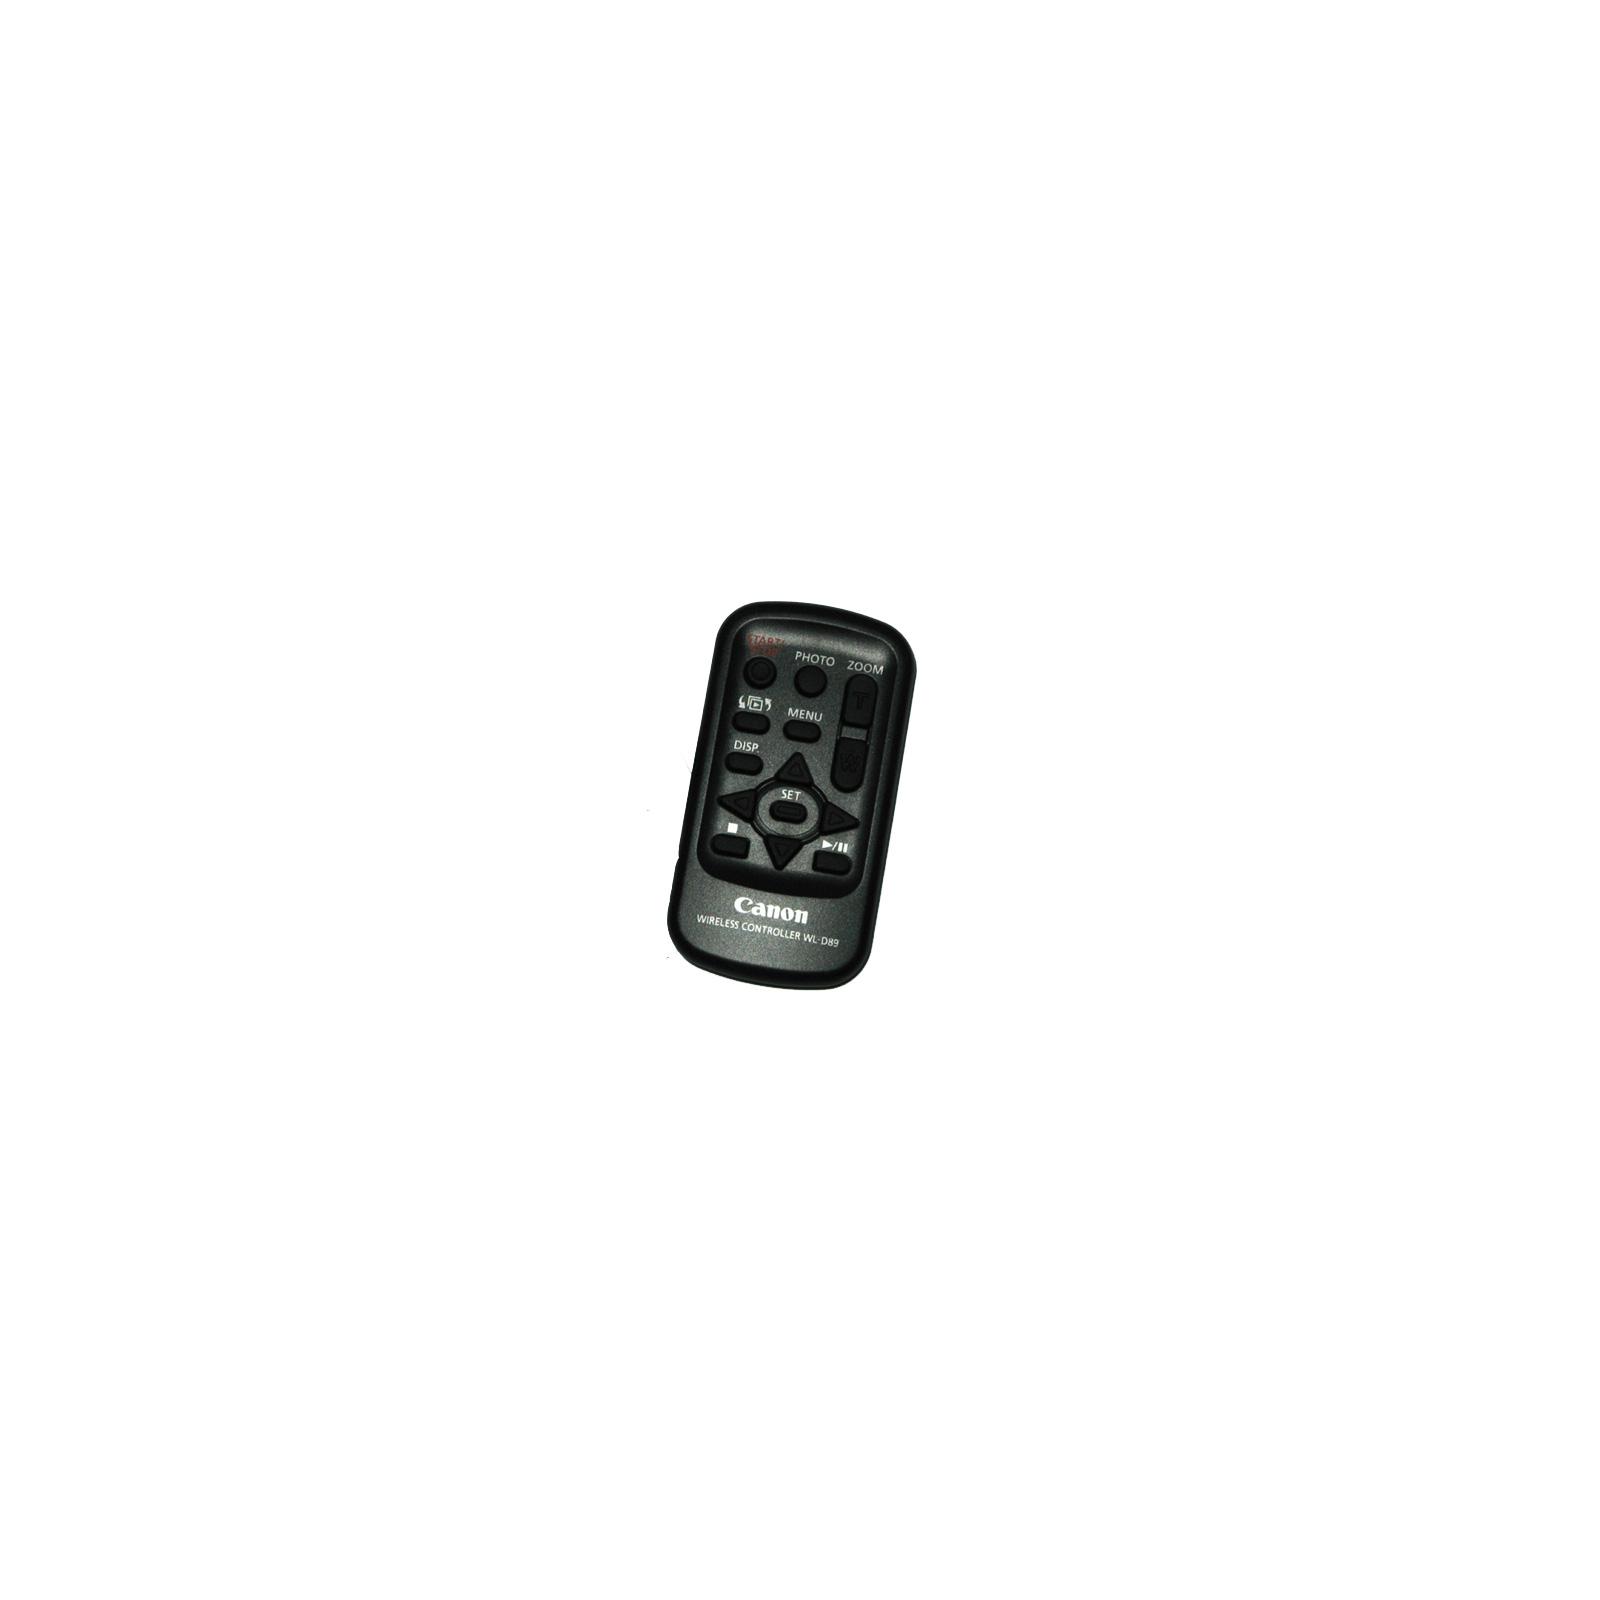 Пульт дистанционного управления Canon WL-D89 (7904A002)